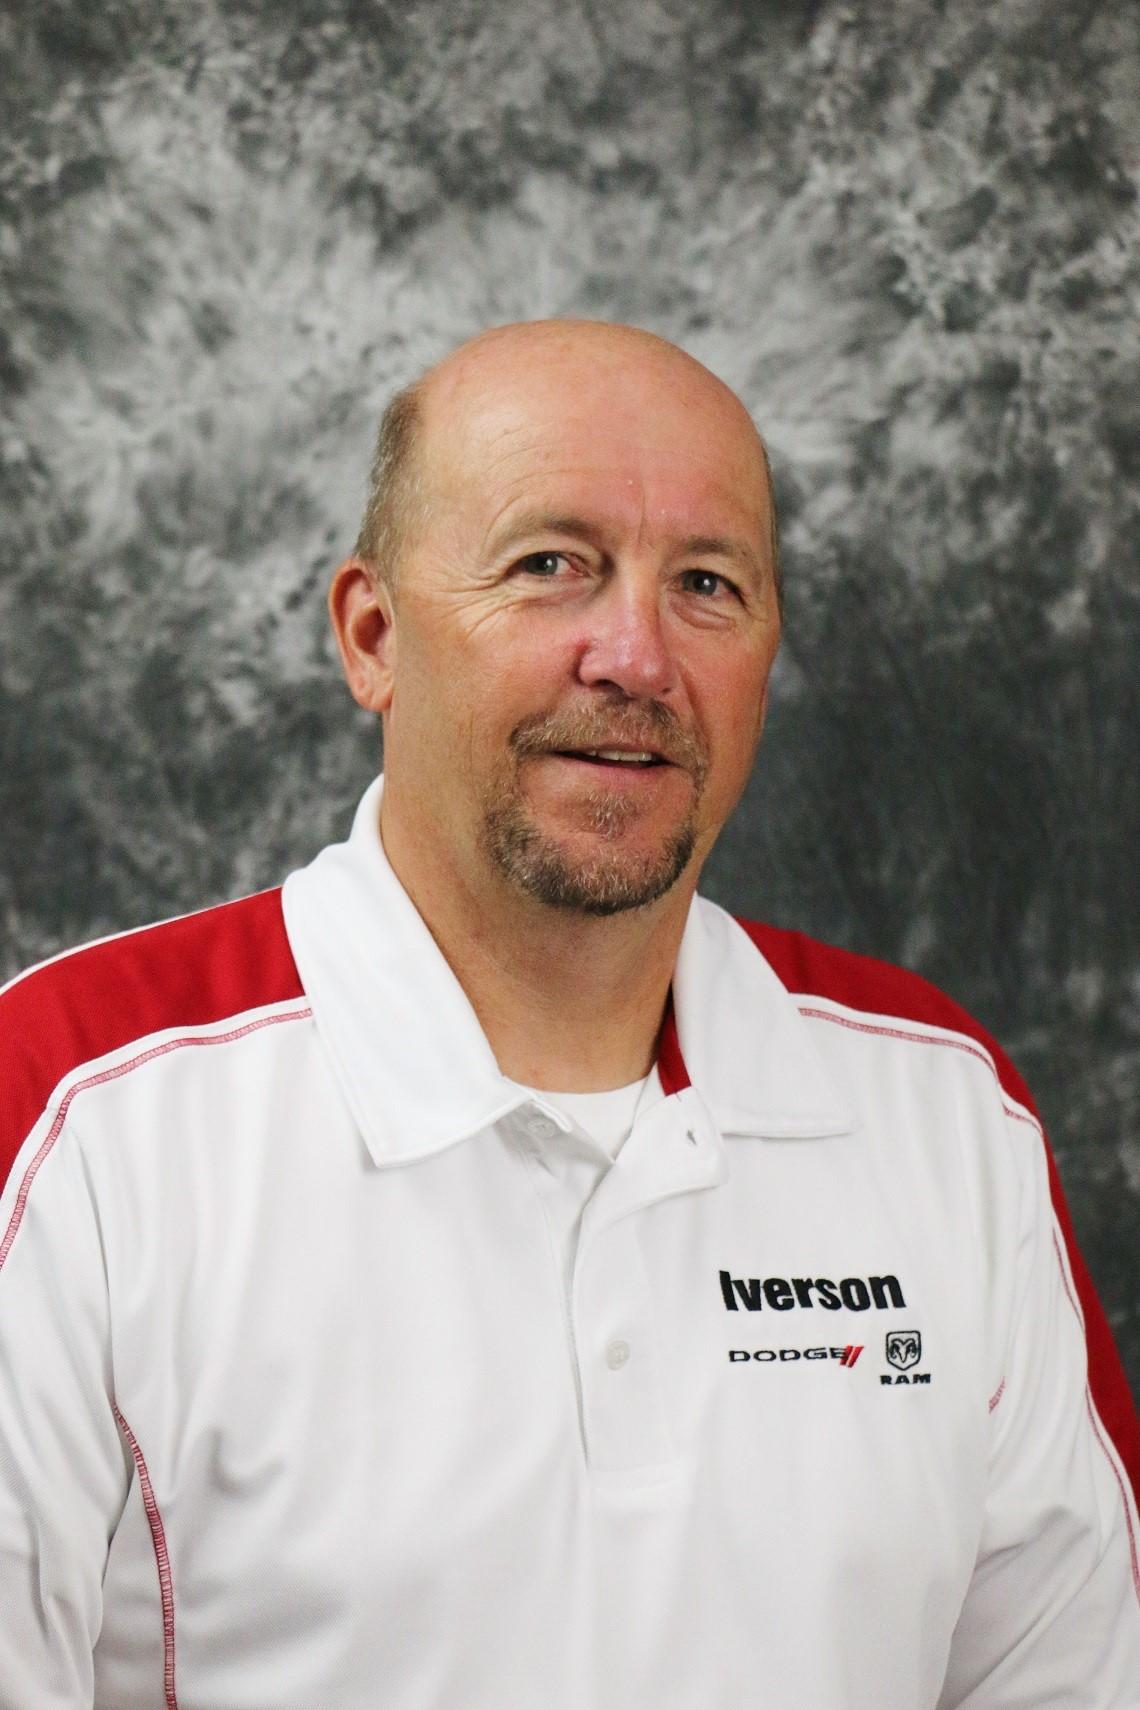 Kevin Flemmer